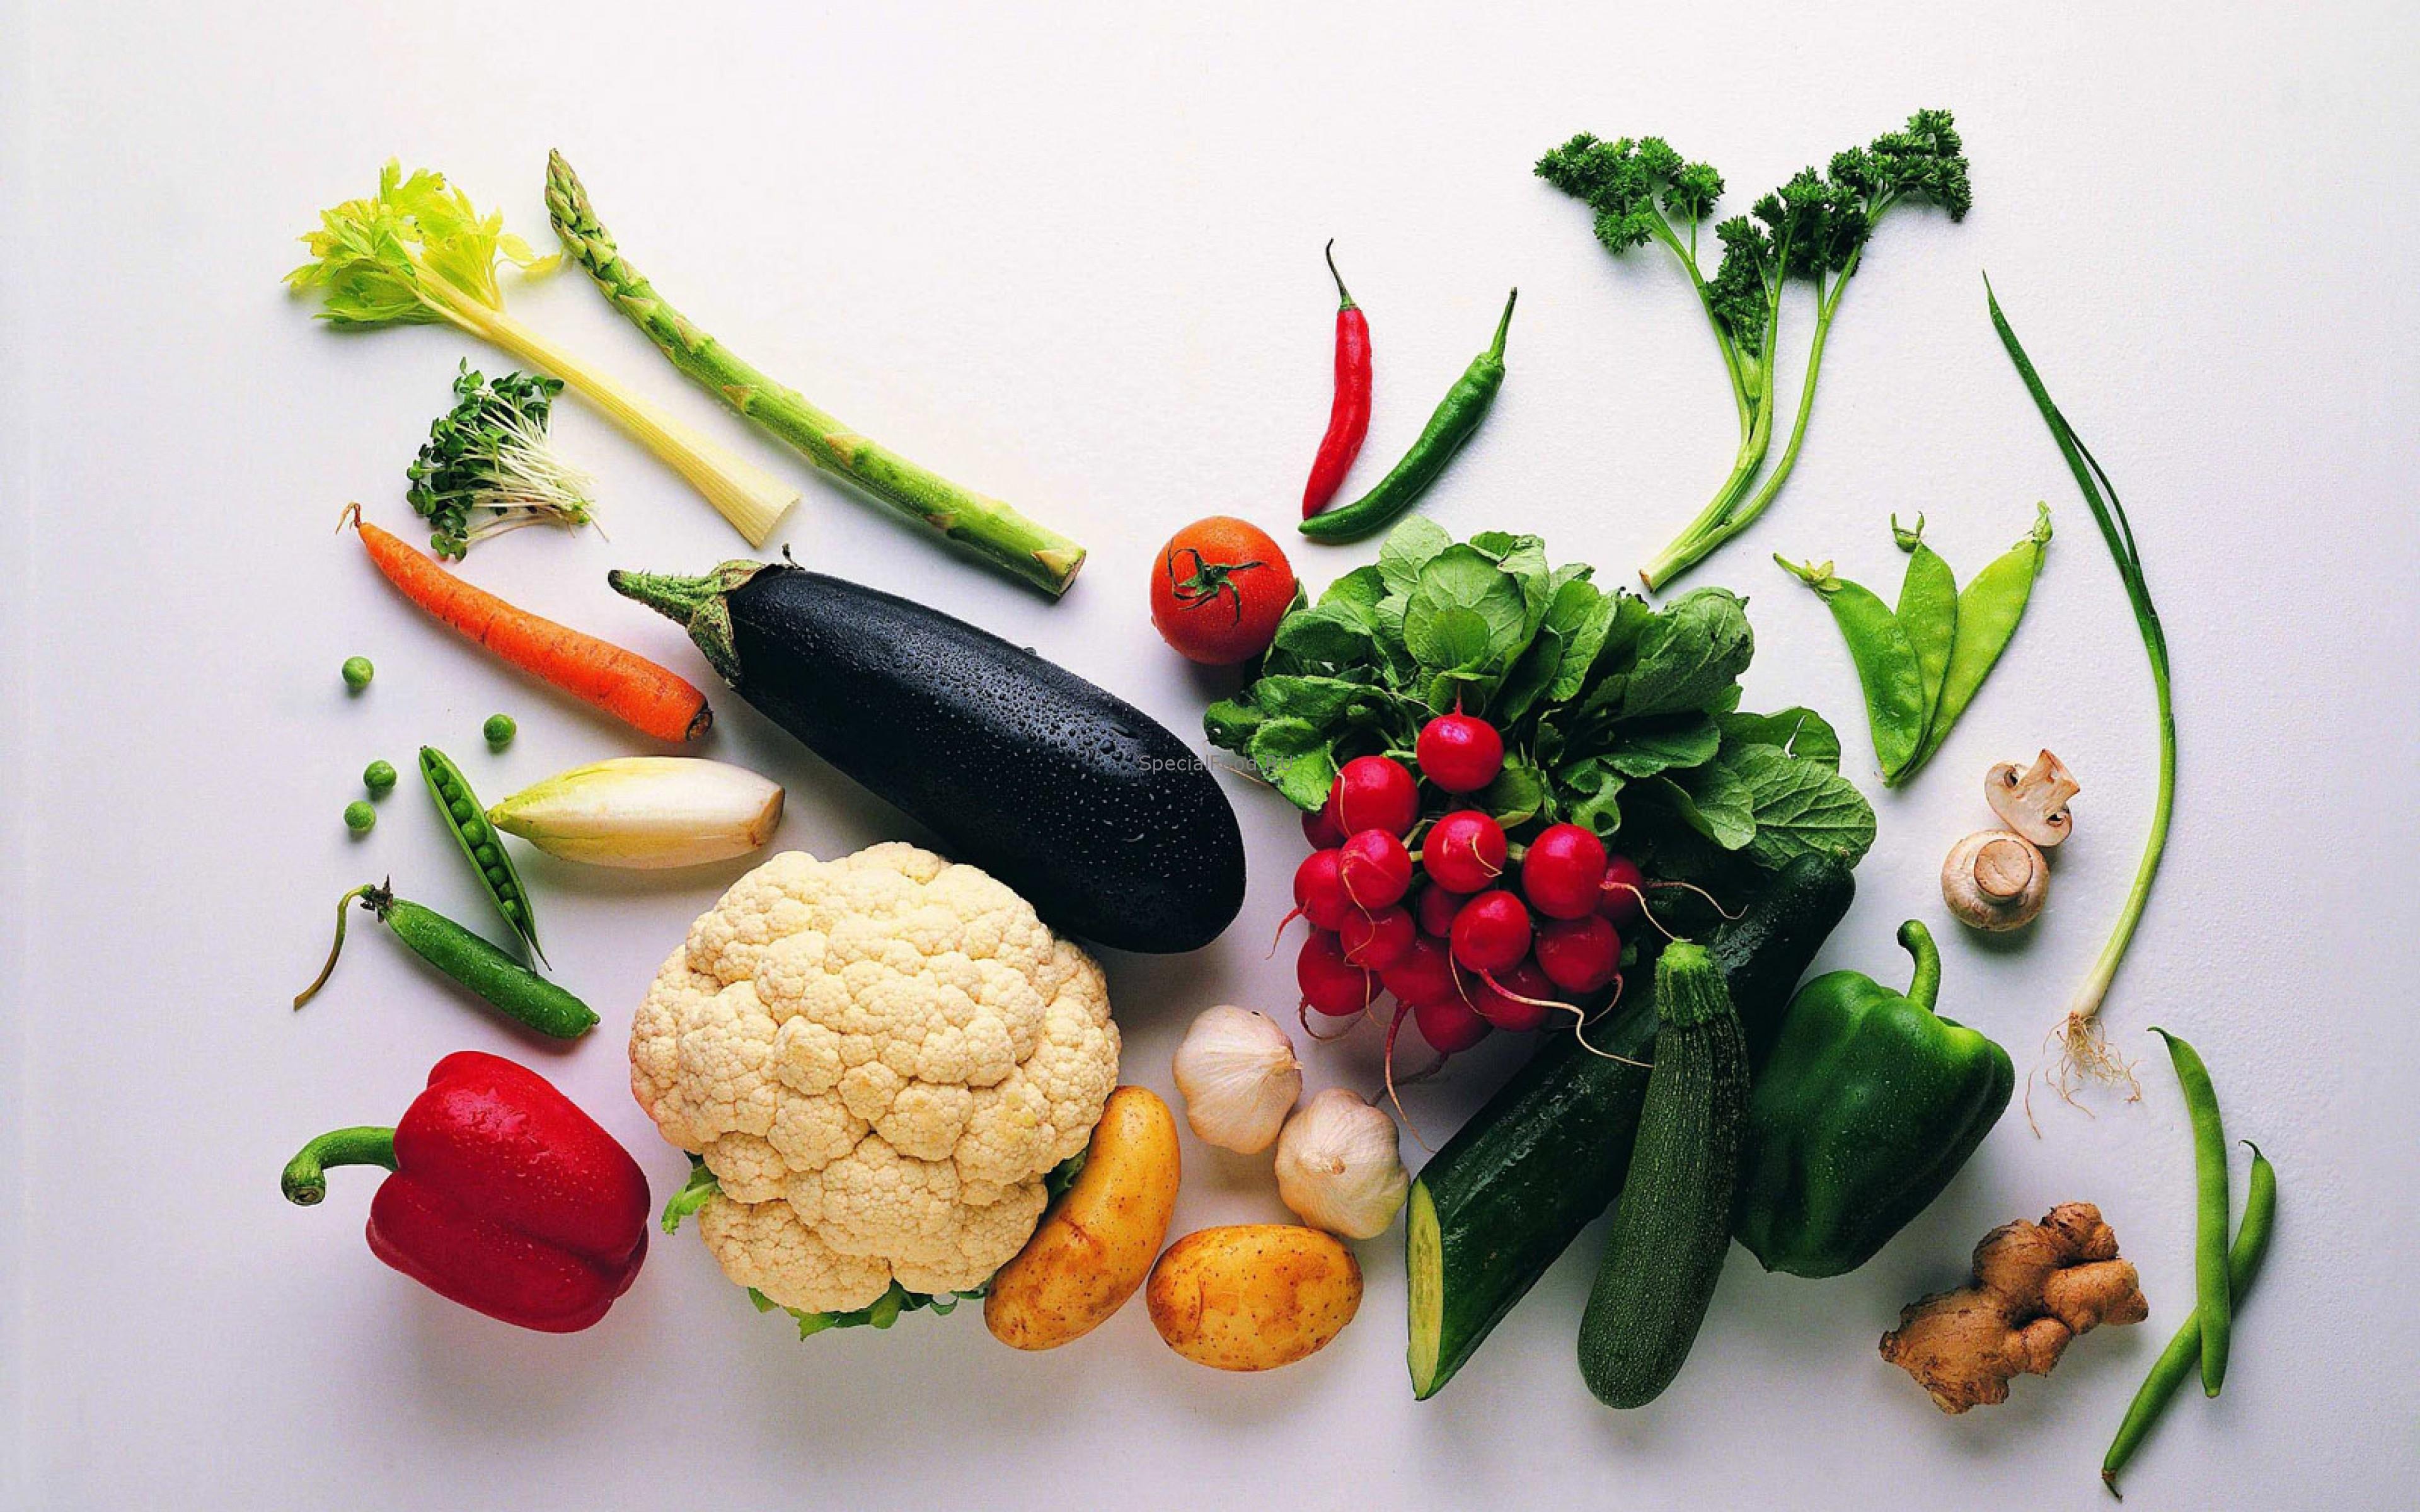 Основы похудения и здорового питания: как обогатить свой рацион клетчаткой?